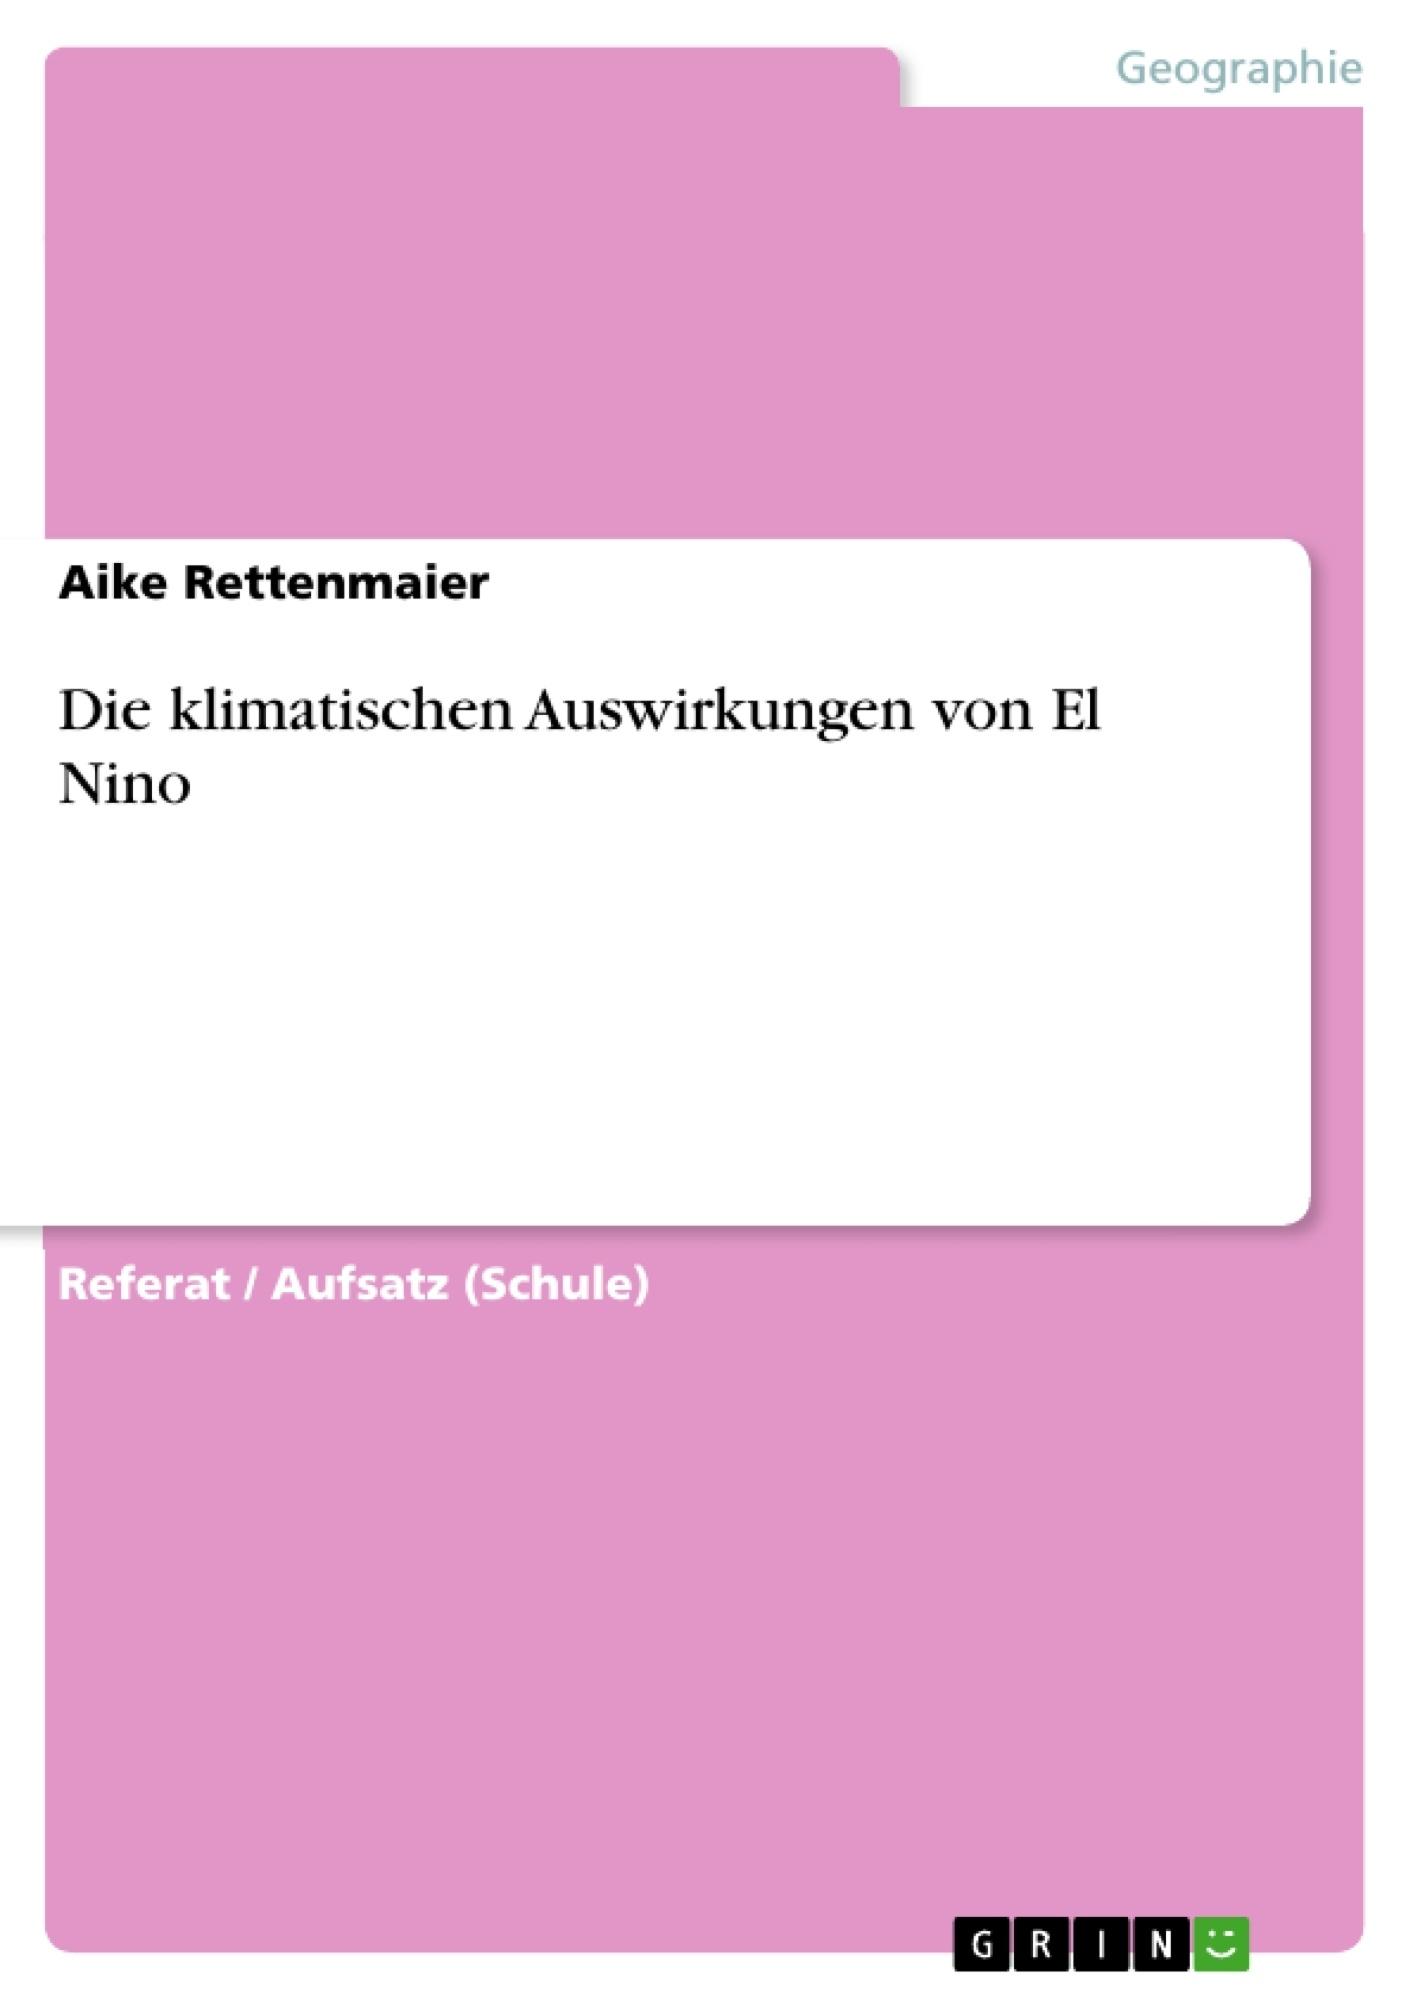 Titel: Die klimatischen Auswirkungen von El Nino